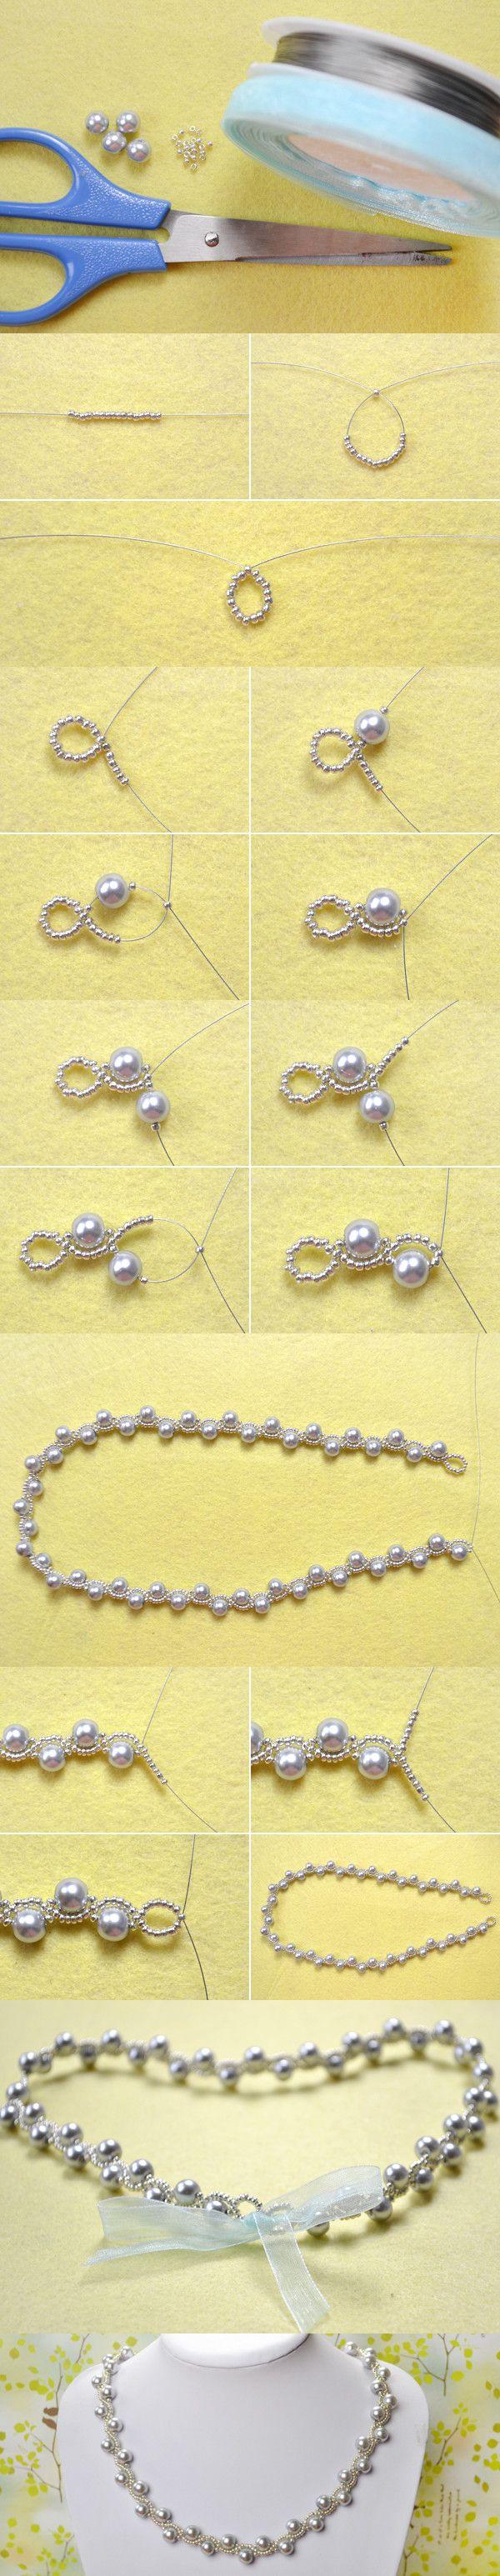 Simple OL Jewelry DIY on How to Make a Silver Gray Pearl Necklace with Ribbon Tie from LC.Pandahall.com Schmuck im Wert von mindestens   g e s c h e n k t  !! Silandu.de besuchen und Gutscheincode eingeben: HTTKQJNQ-2016